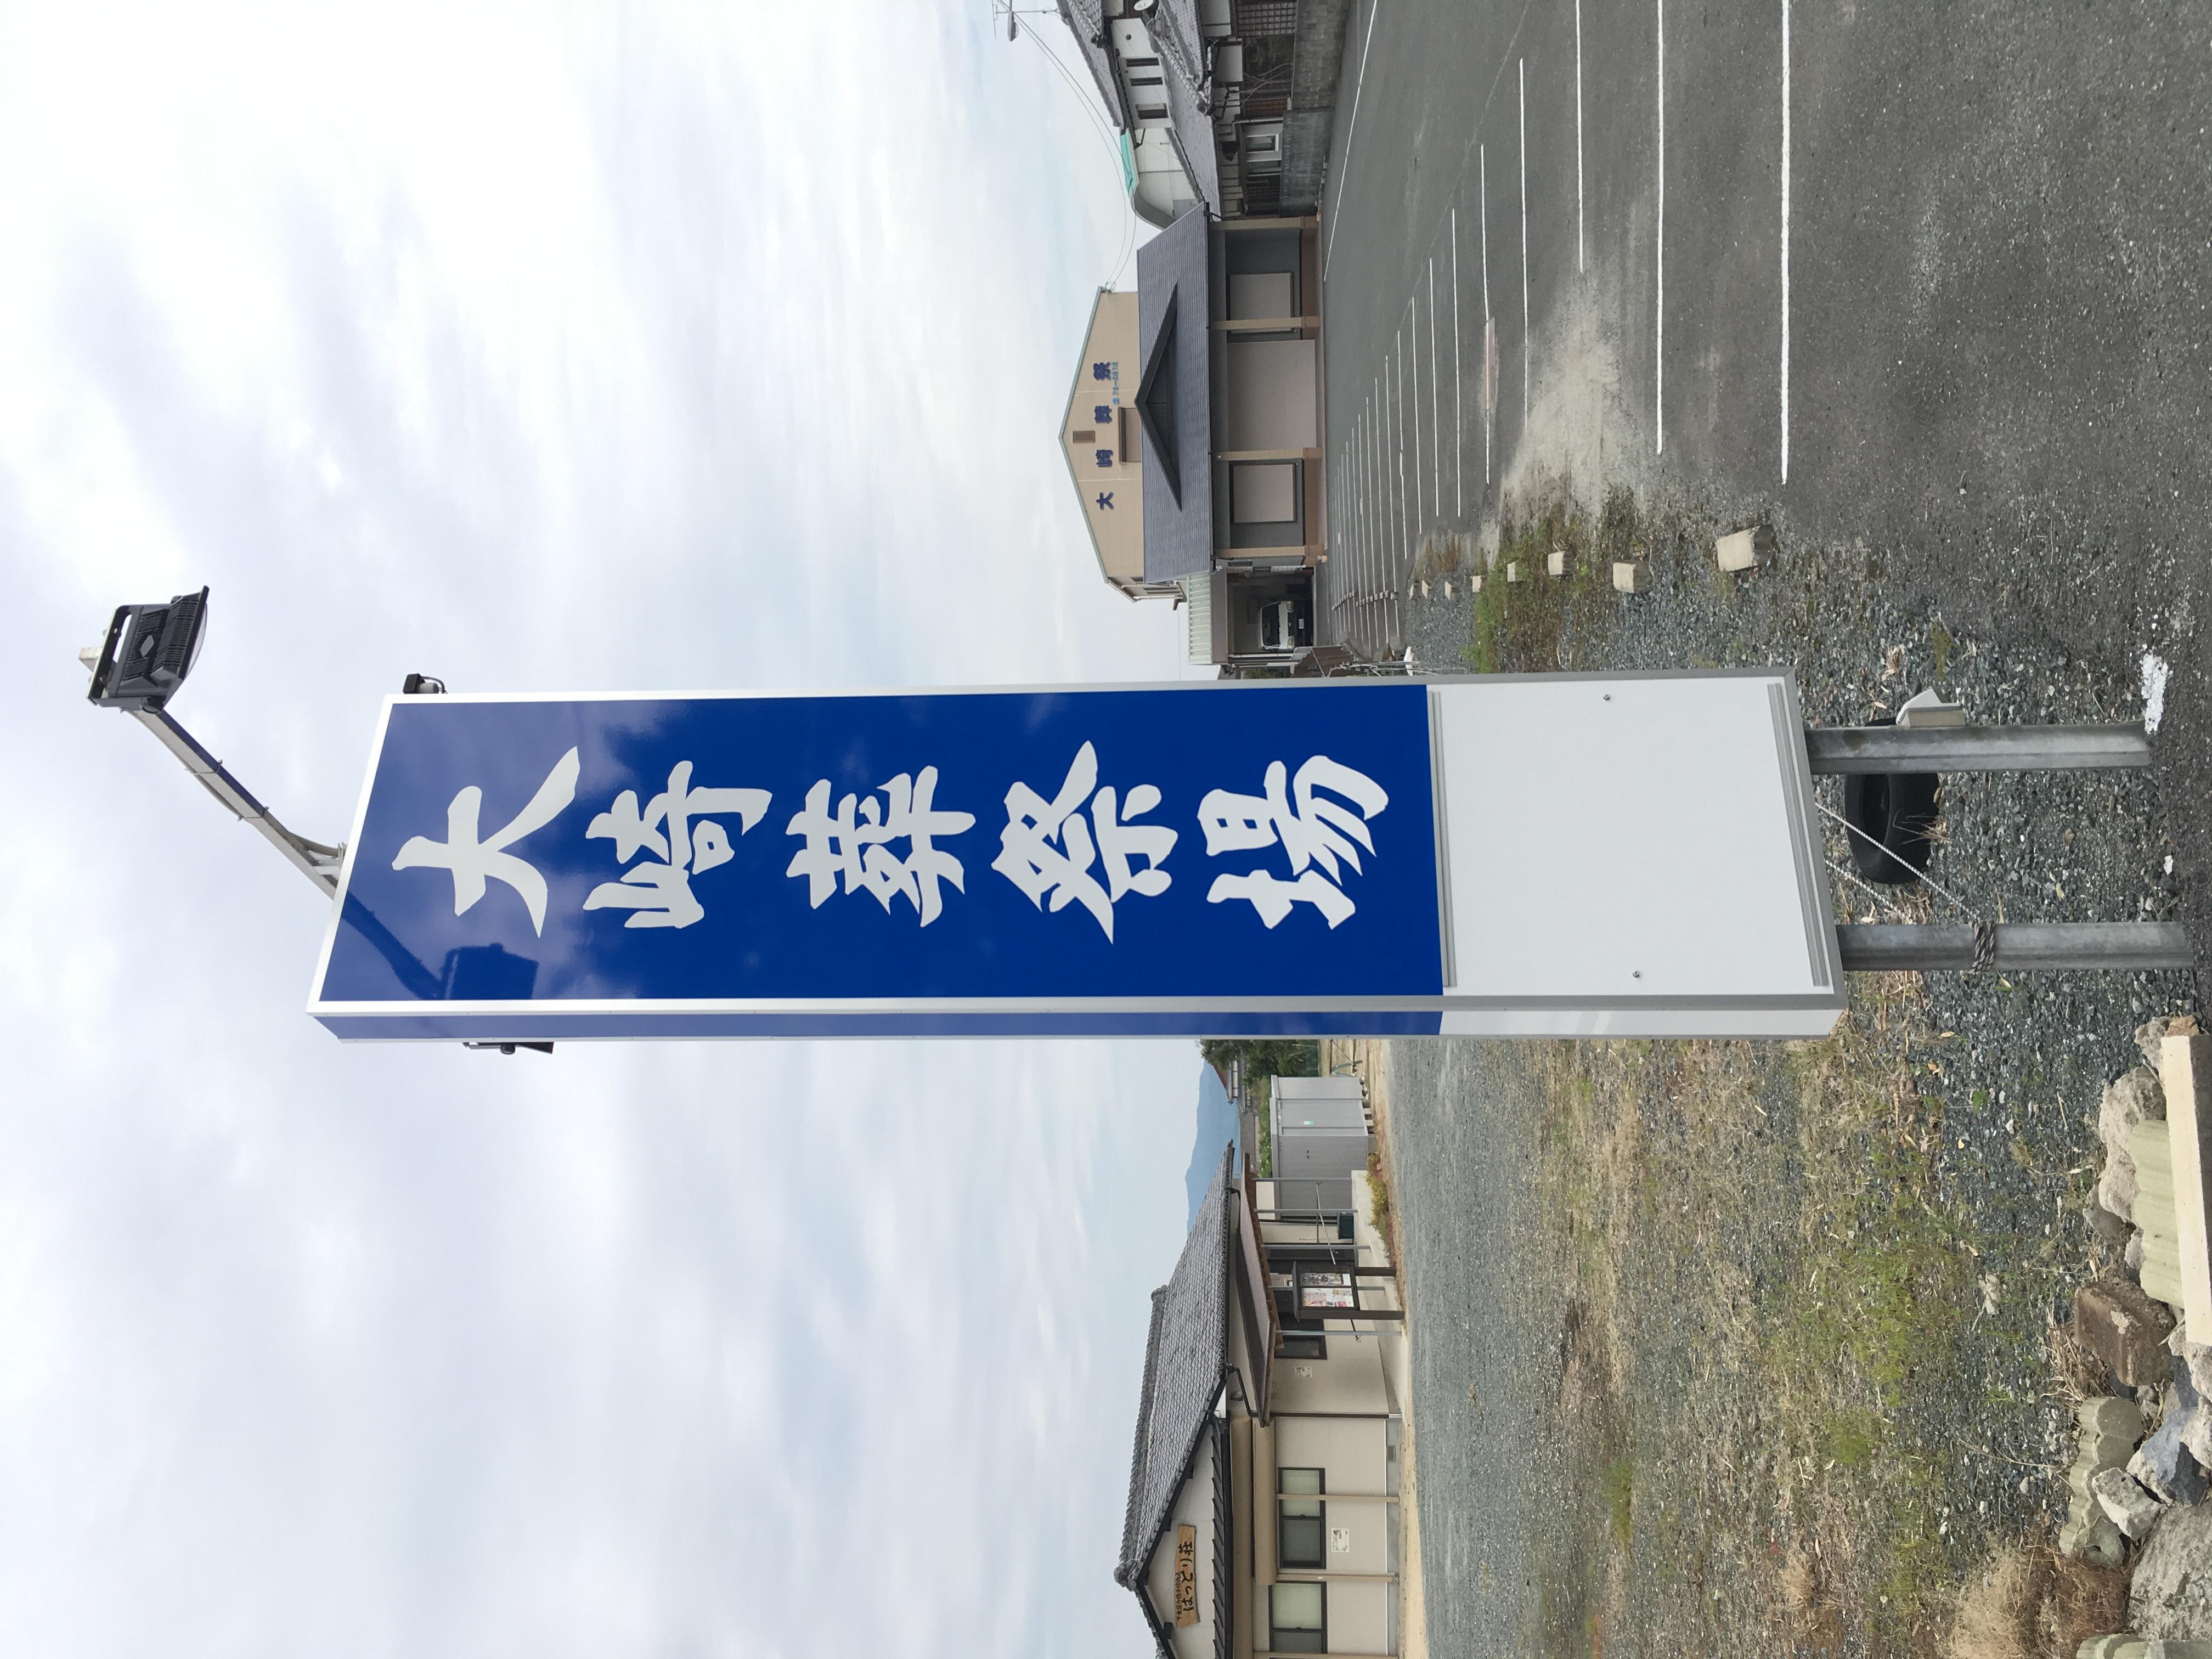 大崎葬祭はこの看板が目印です